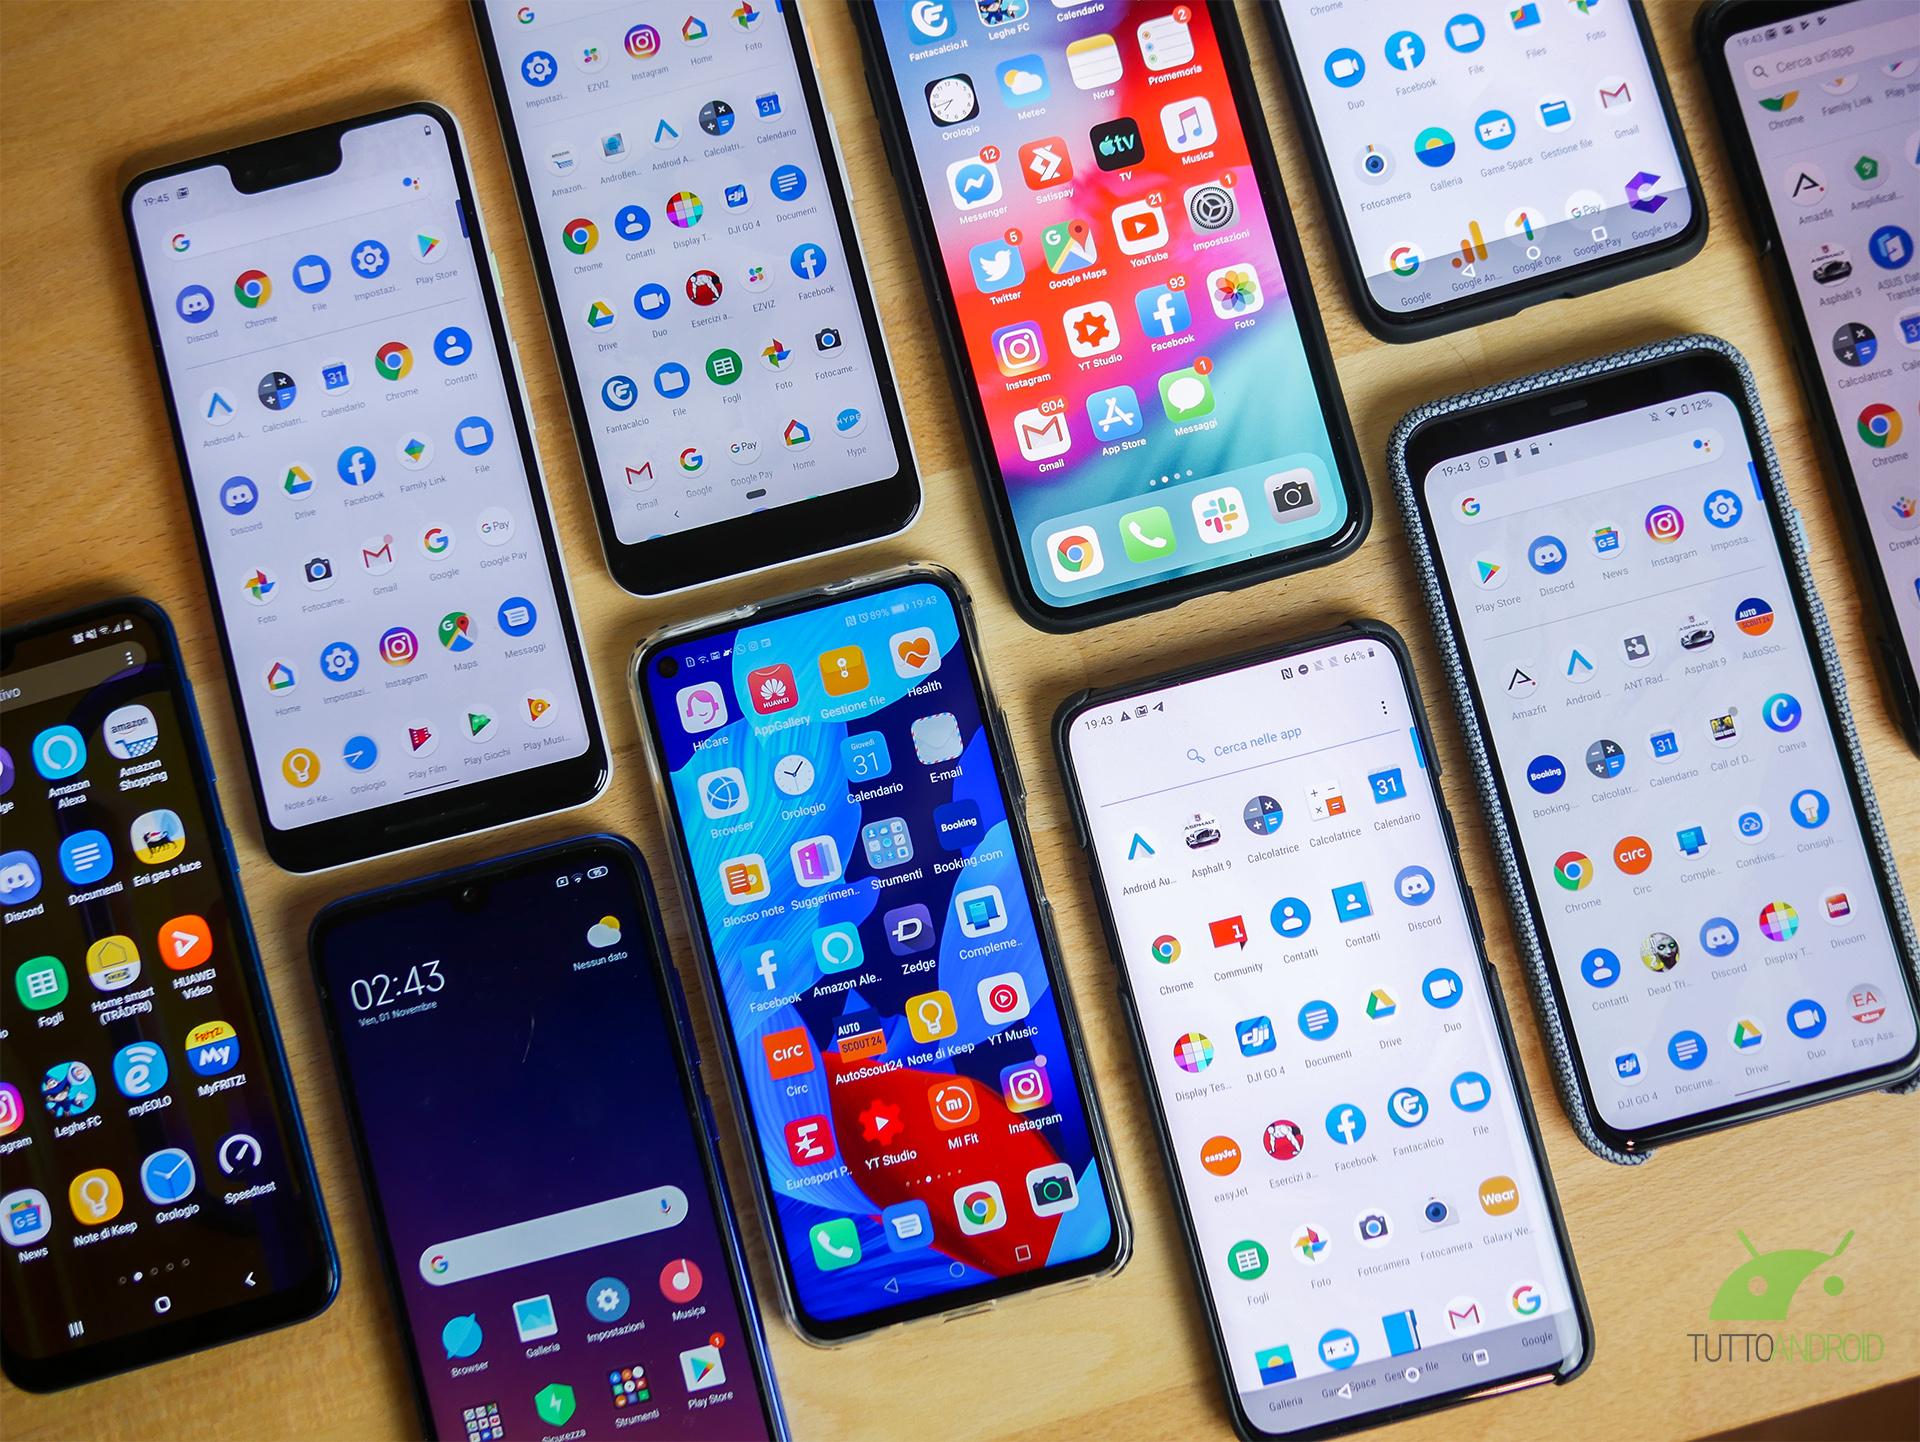 Ecco i migliori smartphone Android One che potete comprare i